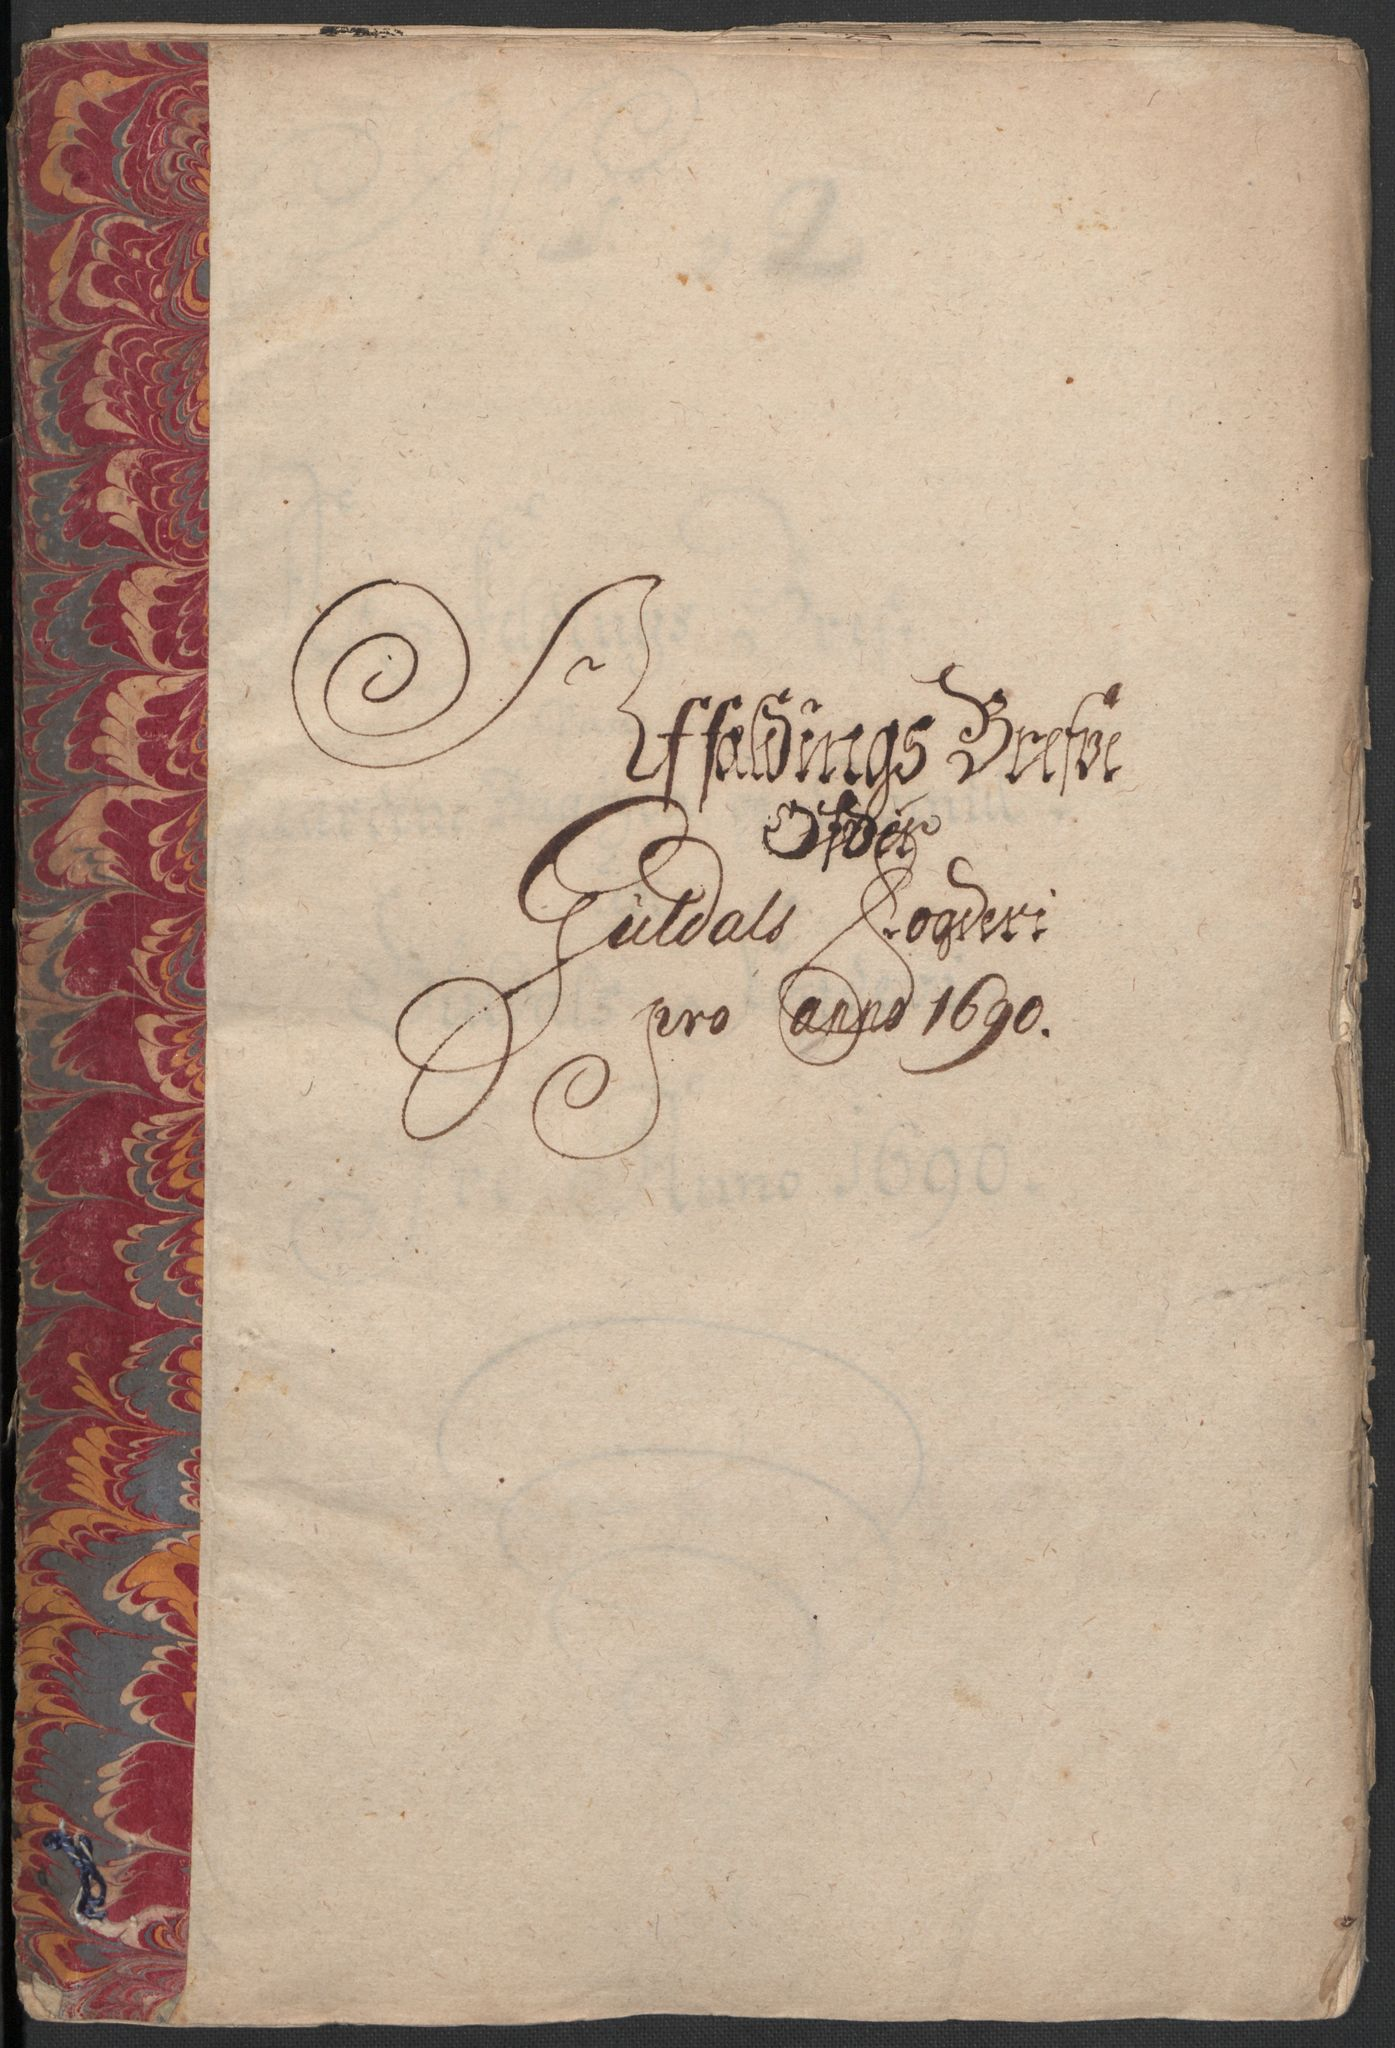 RA, Rentekammeret inntil 1814, Reviderte regnskaper, Fogderegnskap, R59/L3940: Fogderegnskap Gauldal, 1689-1690, s. 424